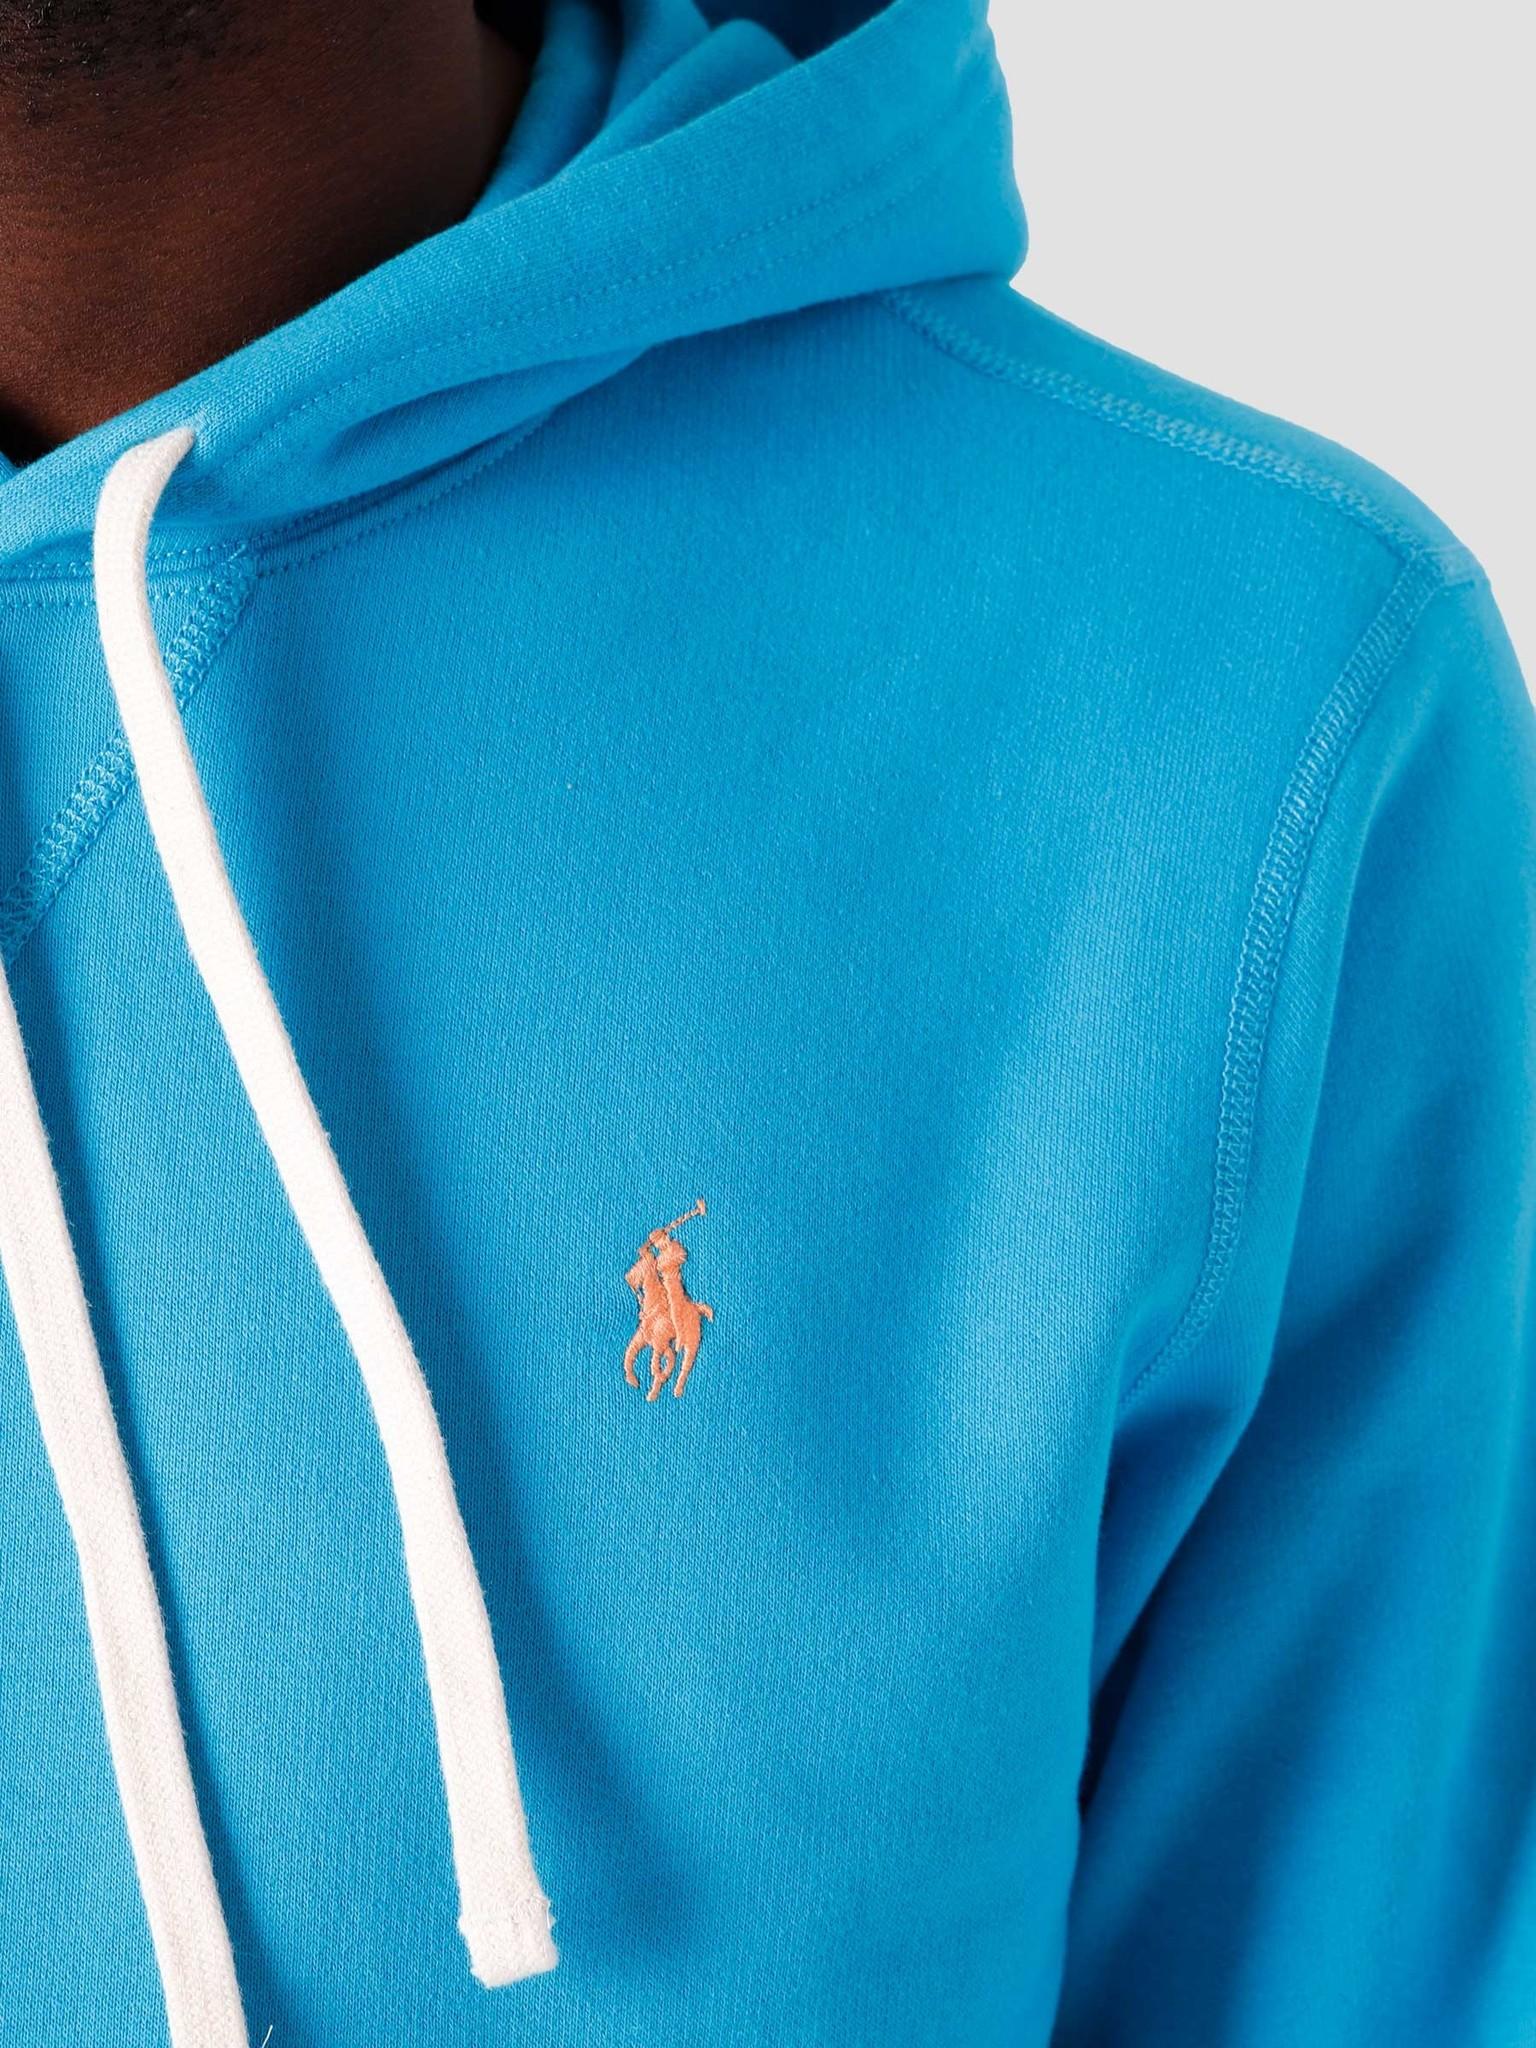 Polo Ralph Lauren Polo Ralph Lauren Fleece Sweater Cove Blue 710766778035